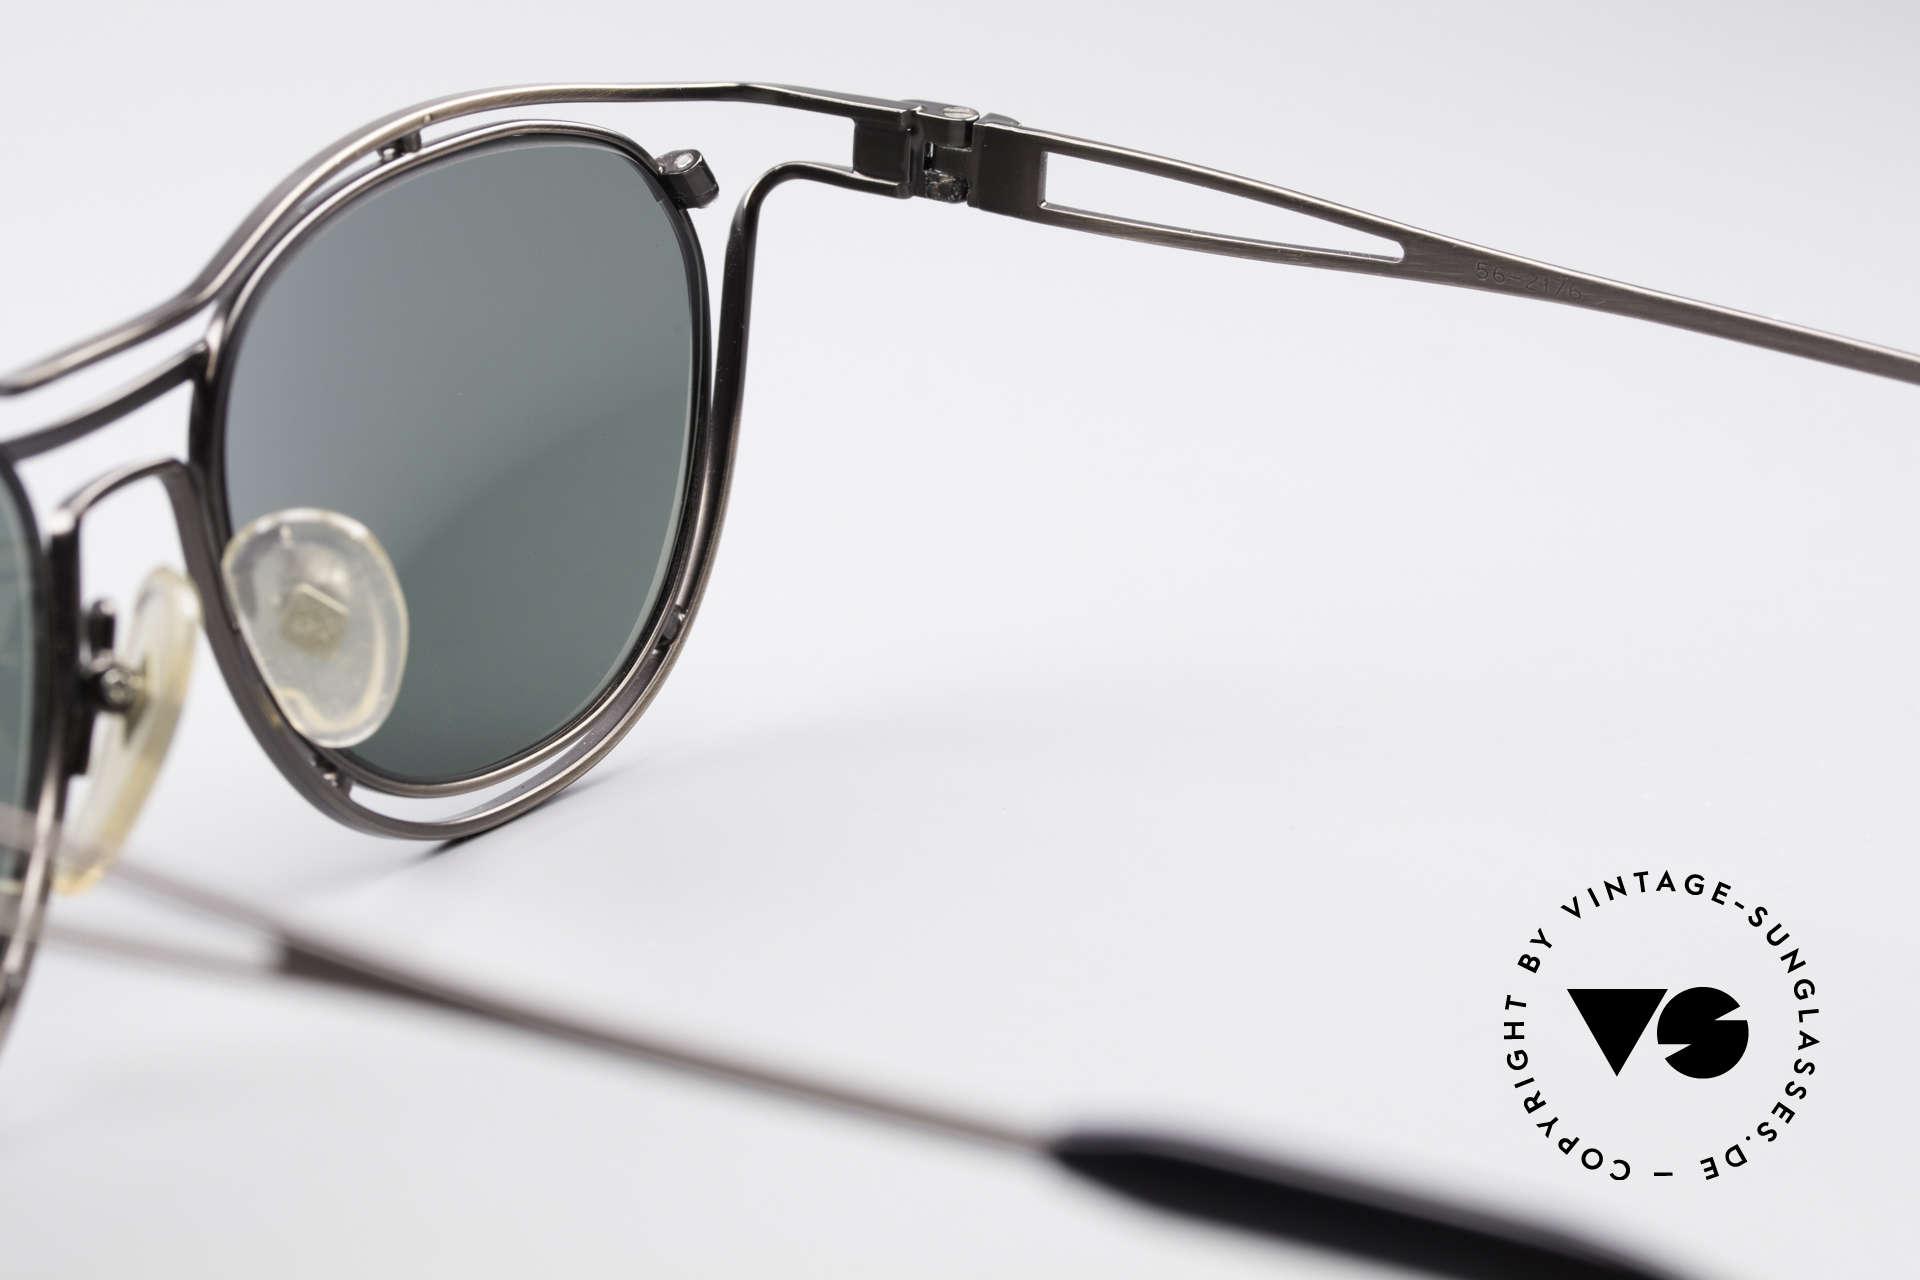 Jean Paul Gaultier 56-2176 Rare Designer Sonnenbrille, KEINE RETRObrille; sondern ein Original von 1994, Passend für Herren und Damen